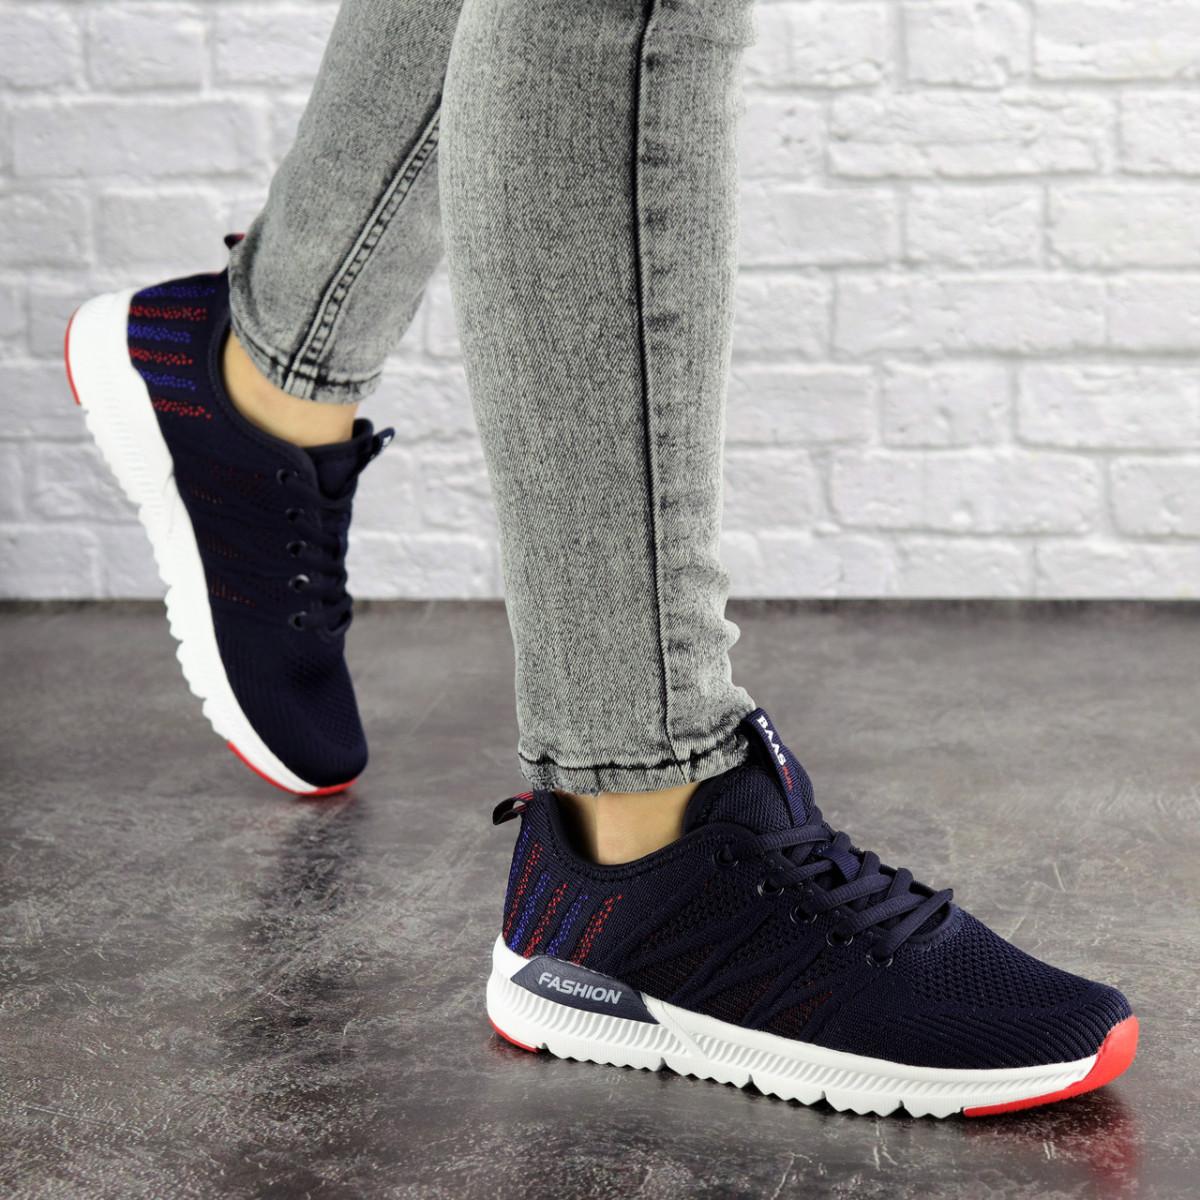 Женские кроссовки Fashion Mayook 1696 38 размер 24 см Синий